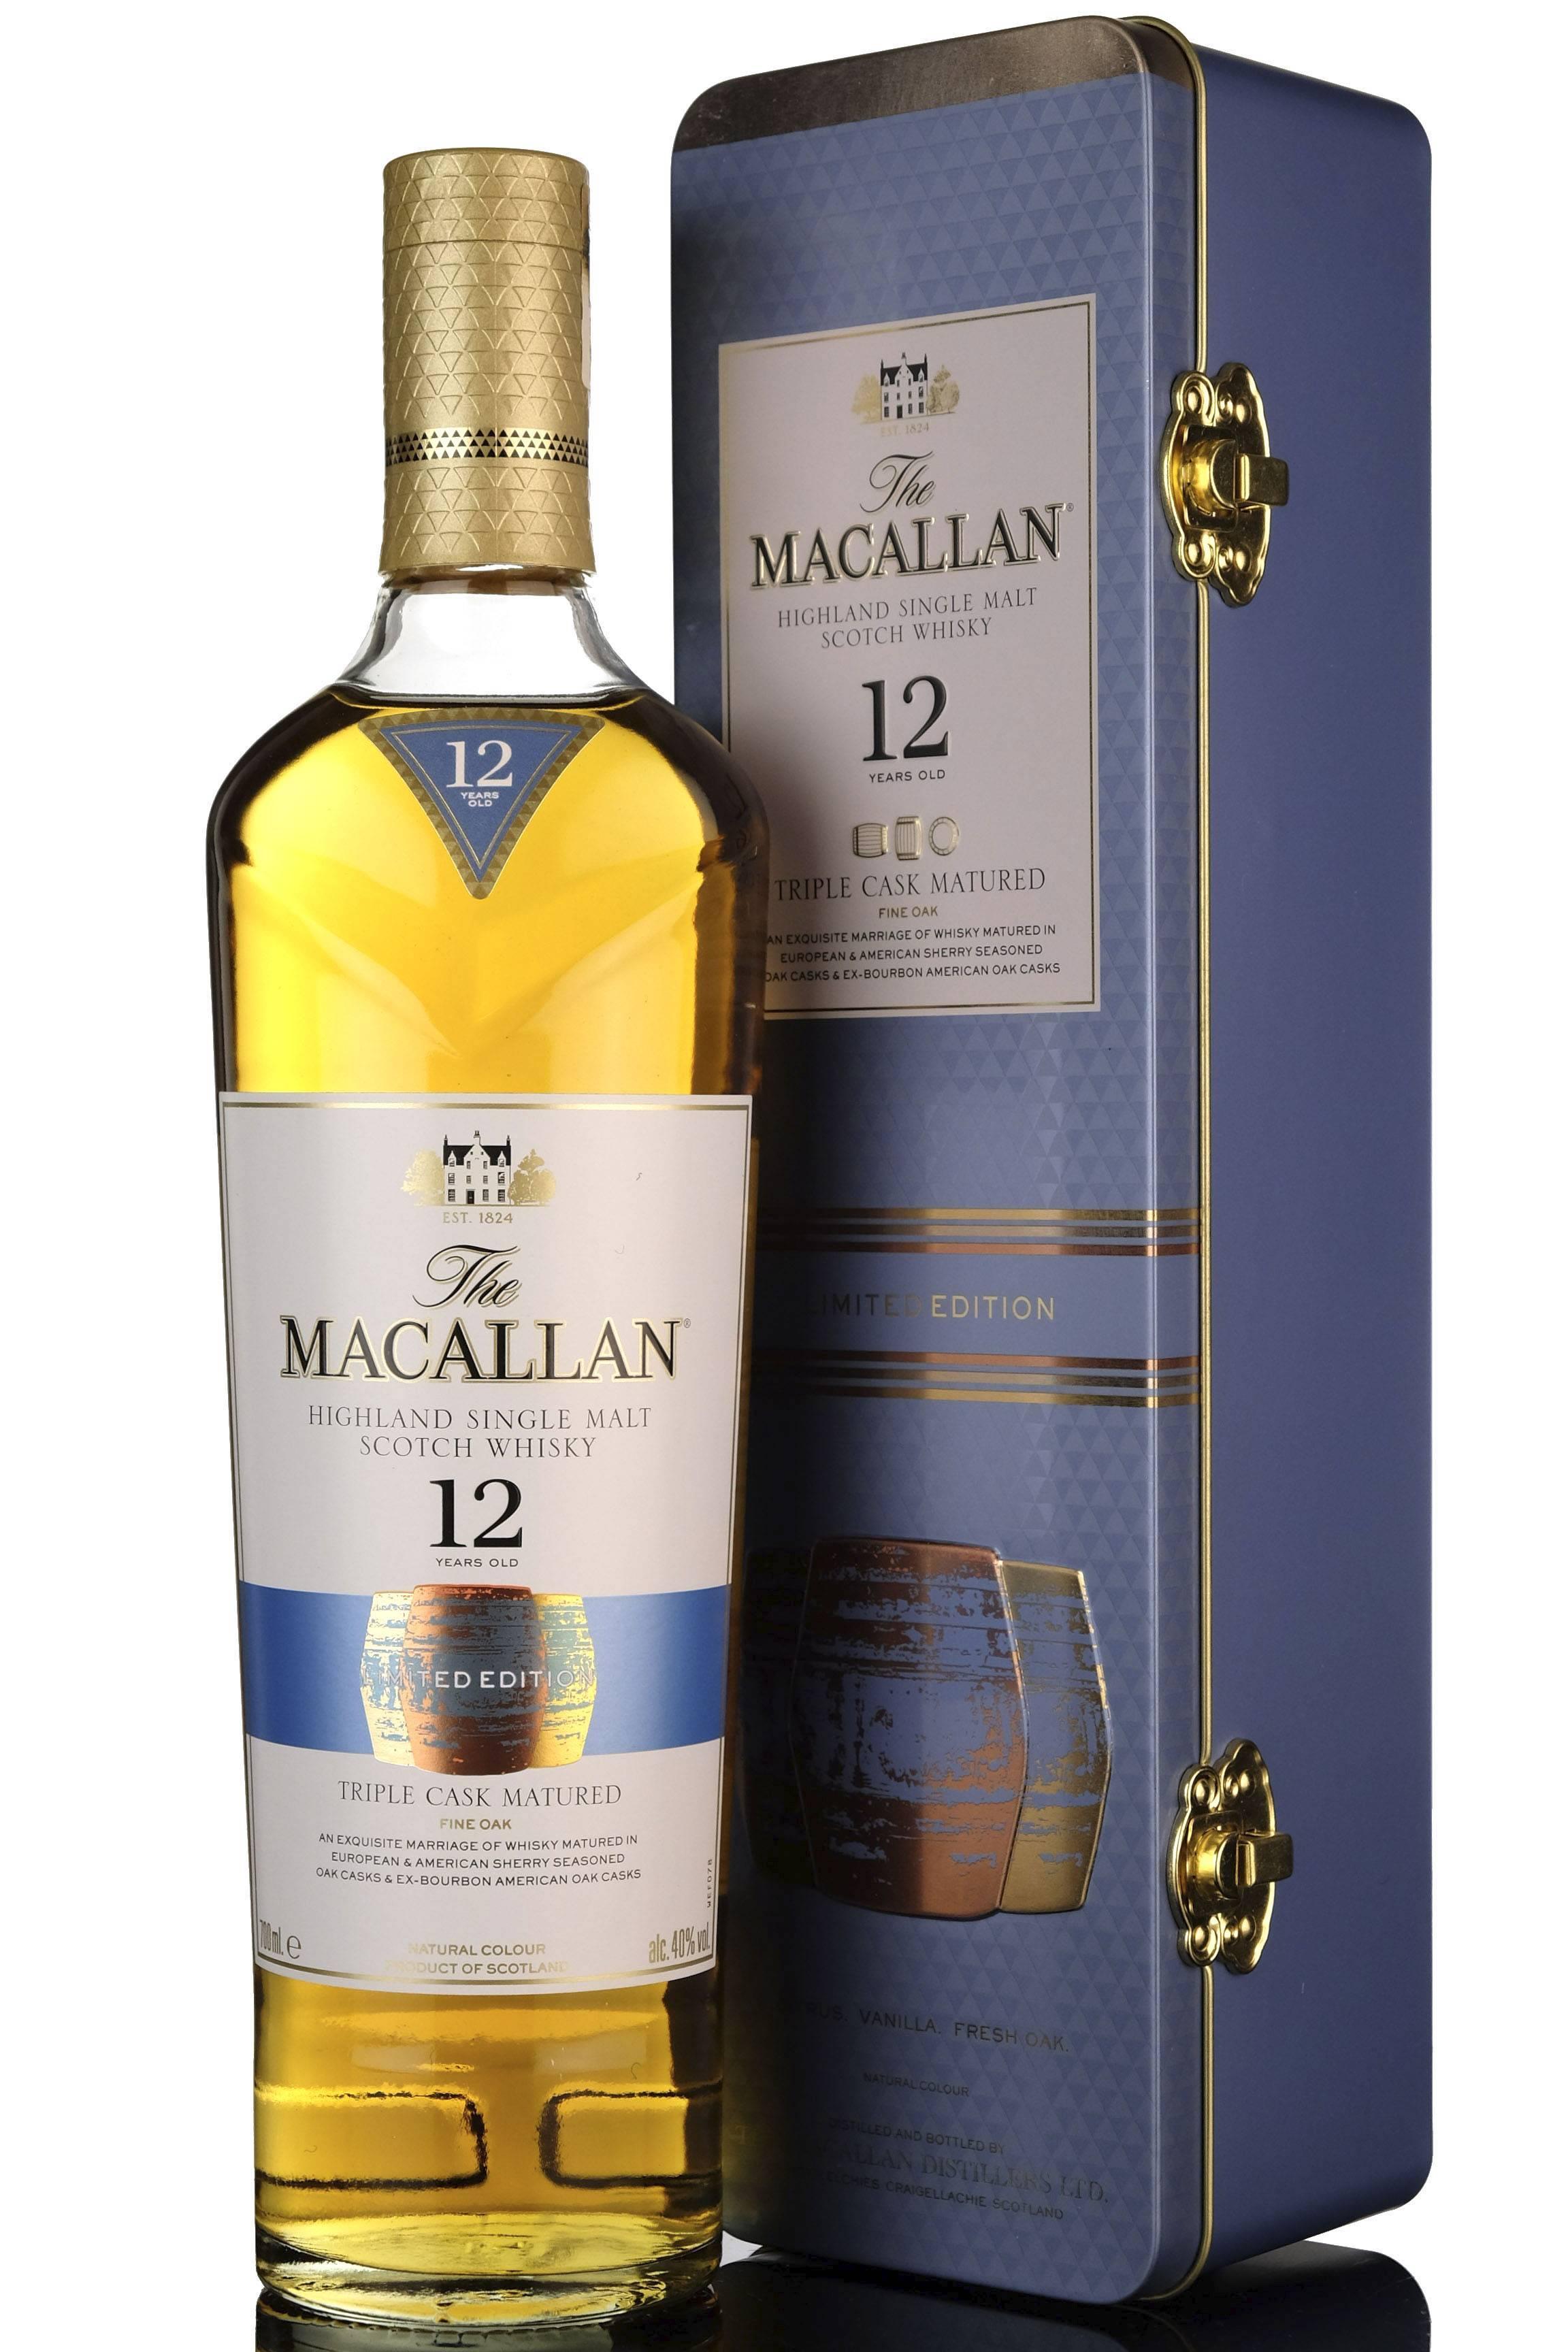 Виски macallan: the fine oak и другие виды whisky маккалан, их описание, технология изготовления, как отличить оригинал от подделки